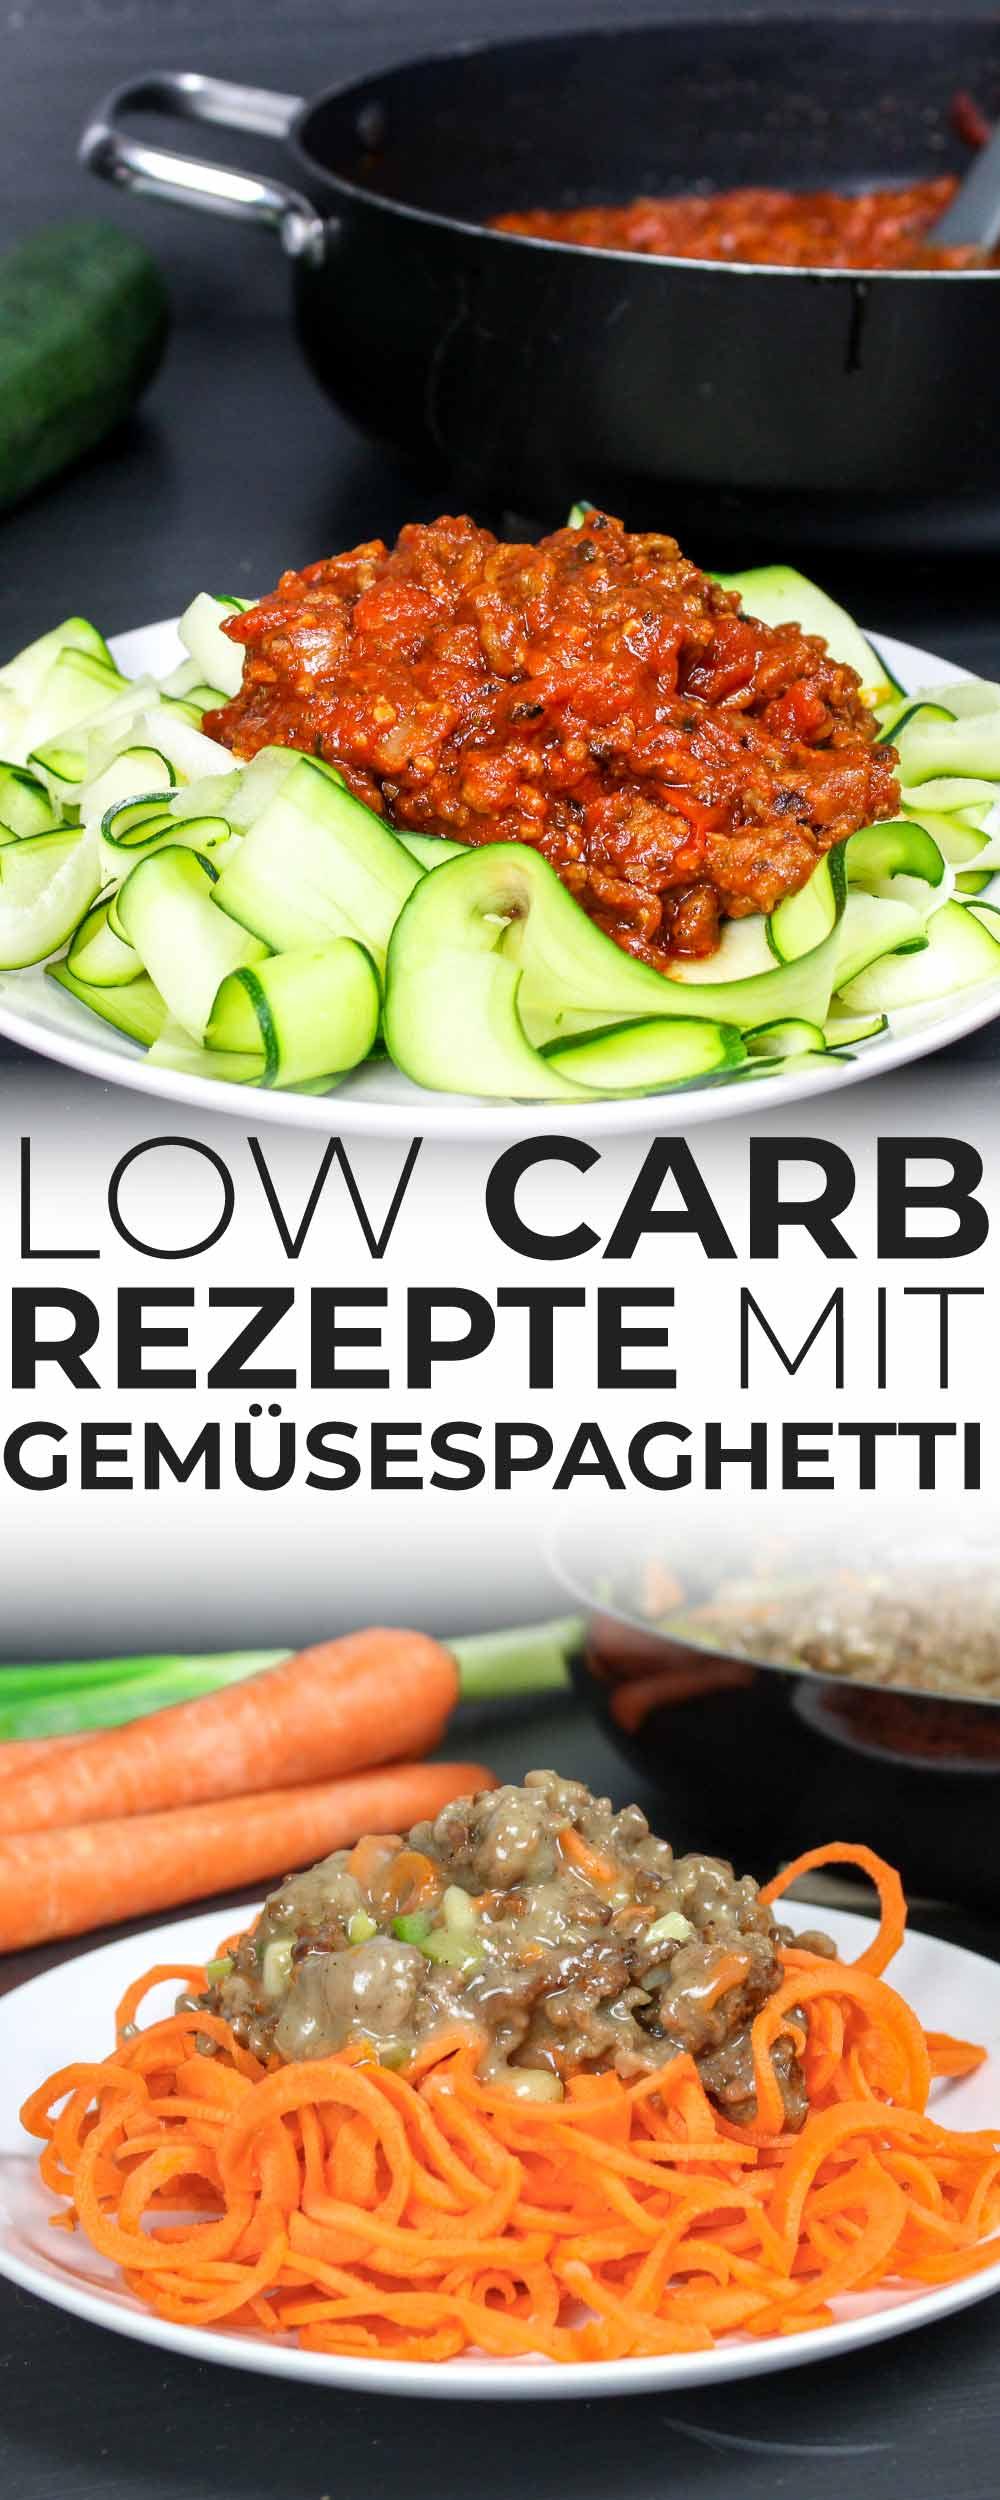 Low Carb Rezepte mit Gemüsespaghetti